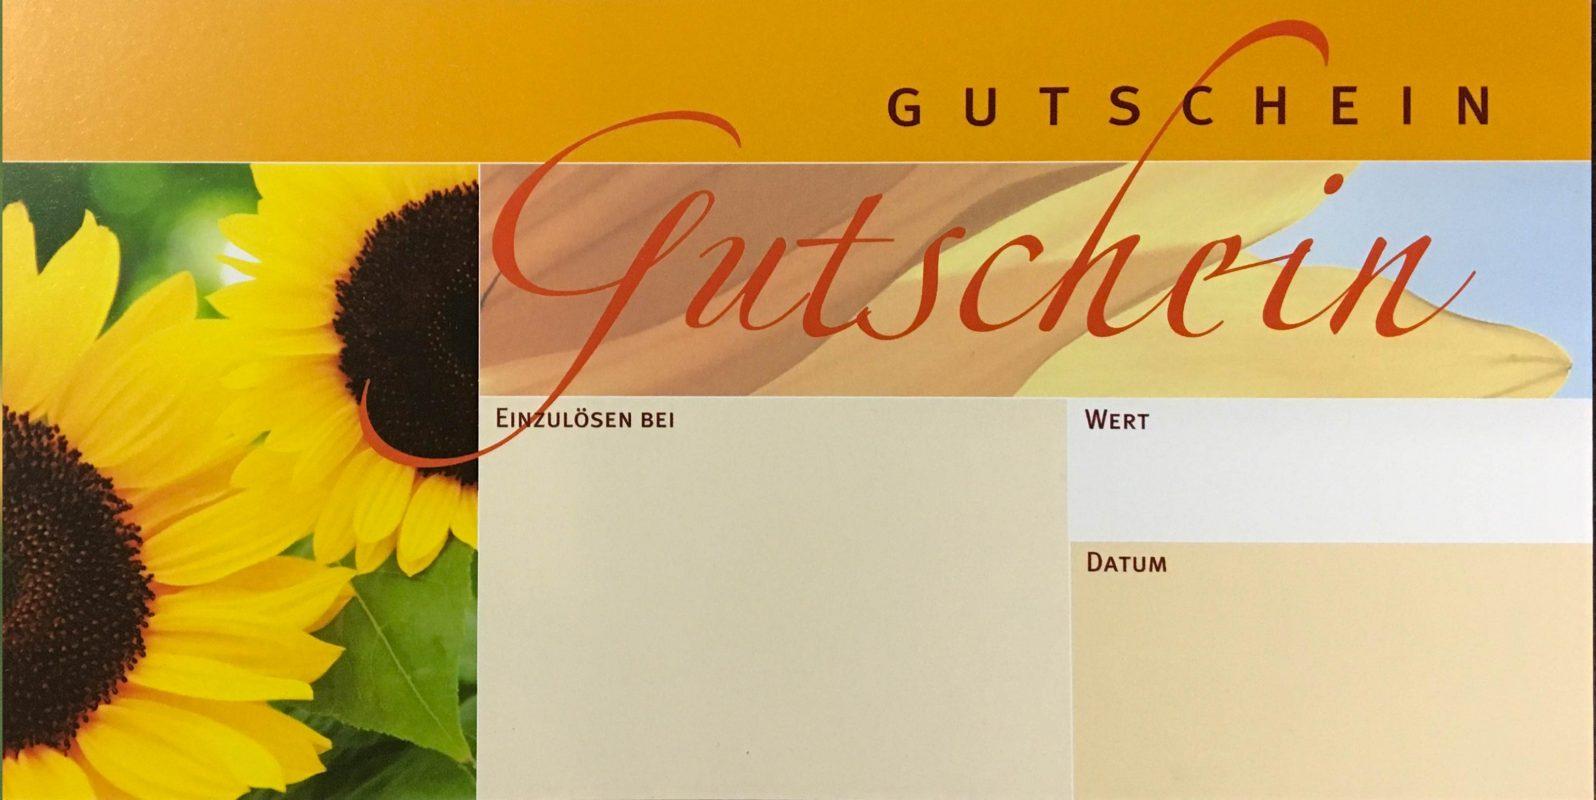 Gutschein-Sonnenblume-1